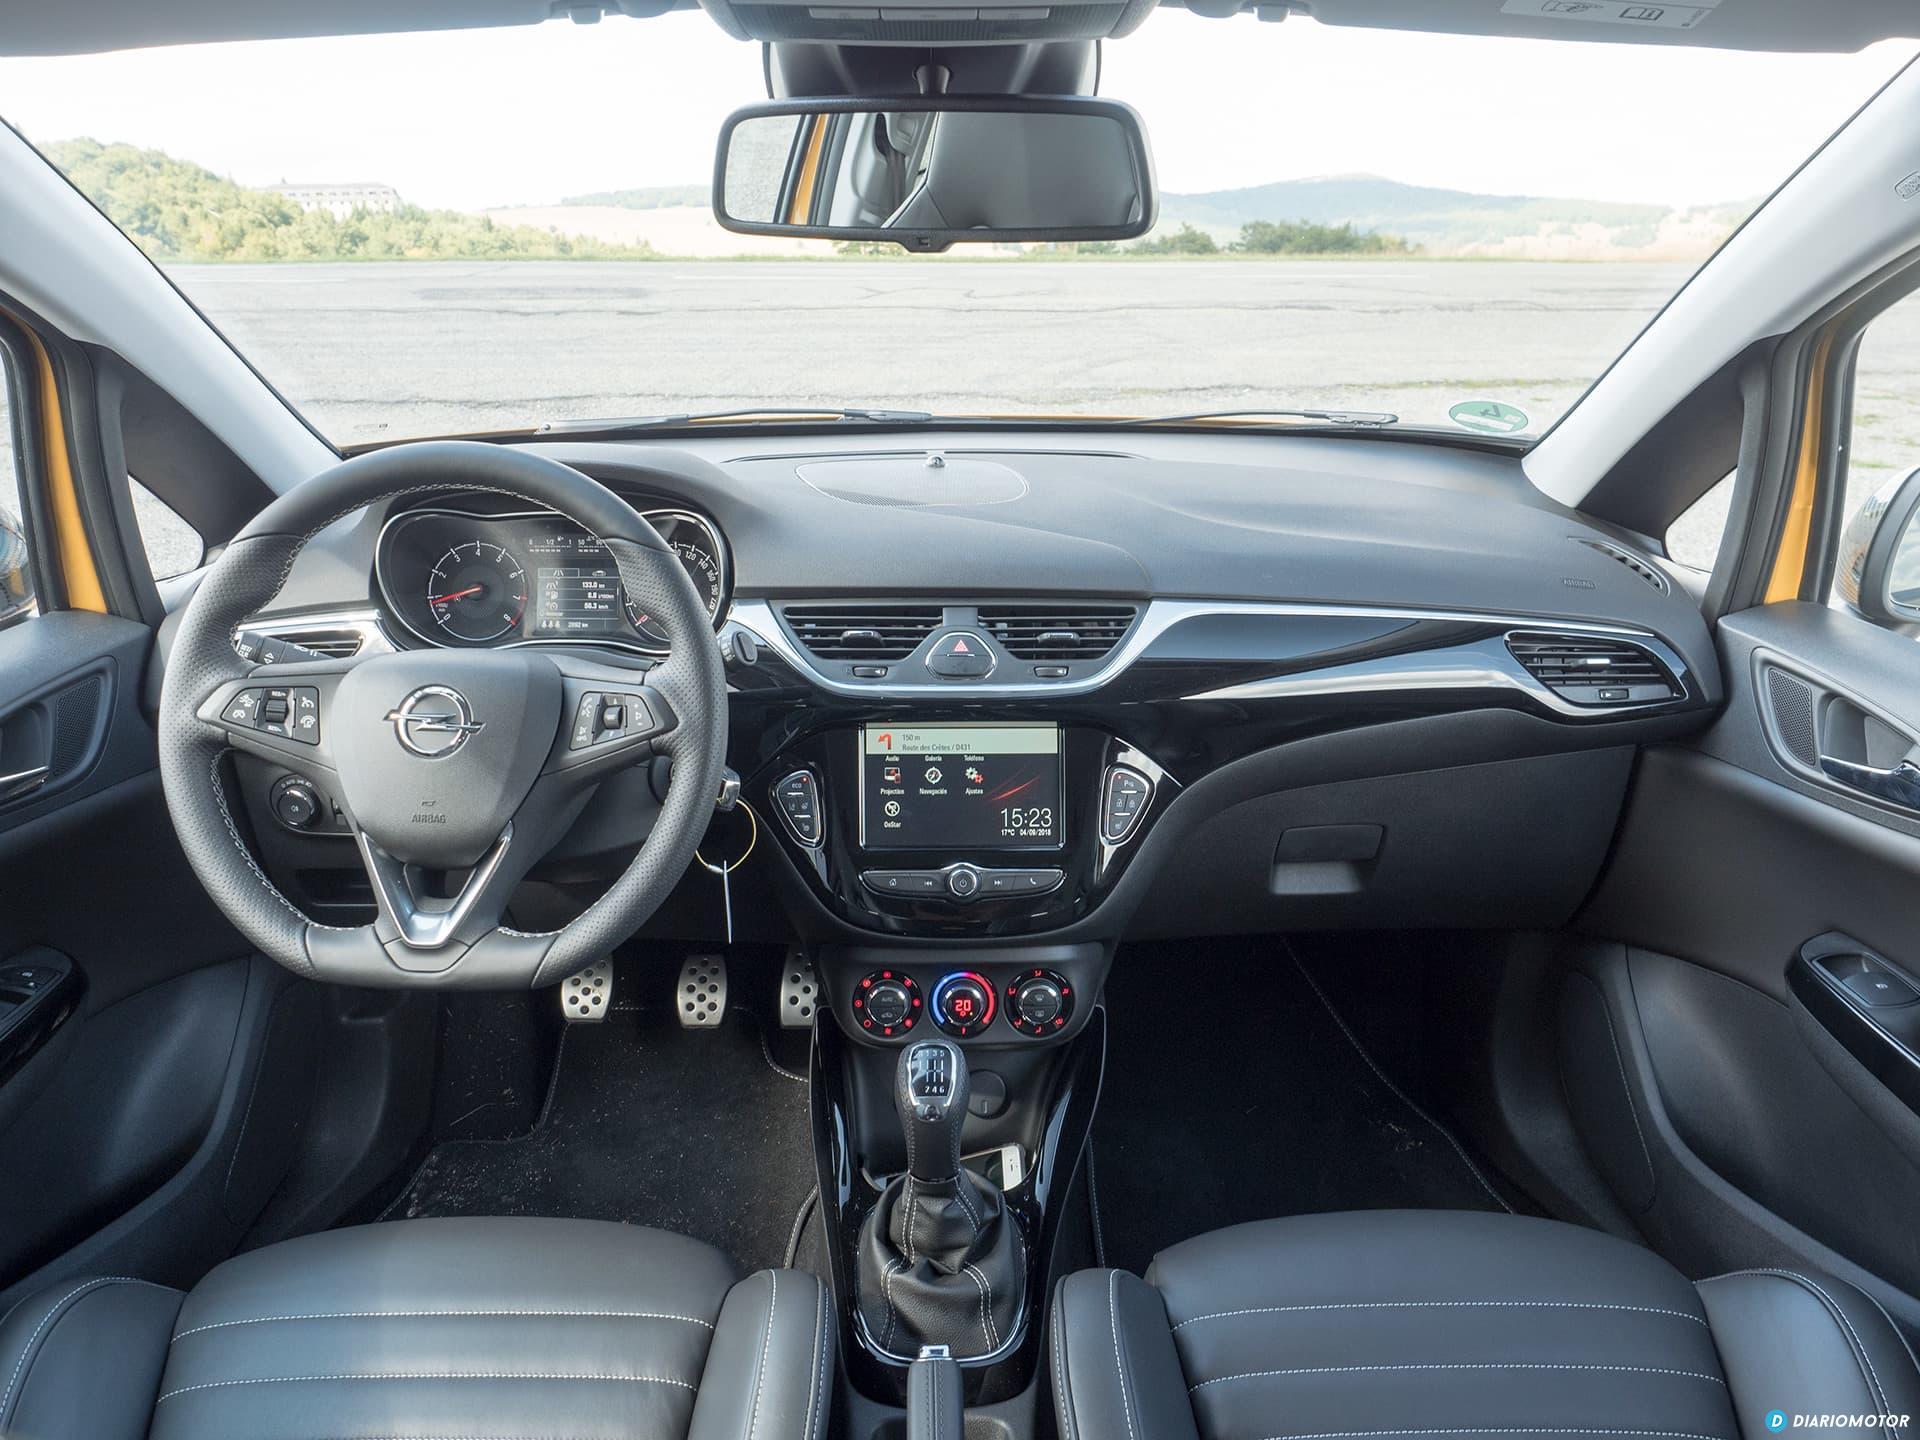 Opel Corsa Gsi Interior 01